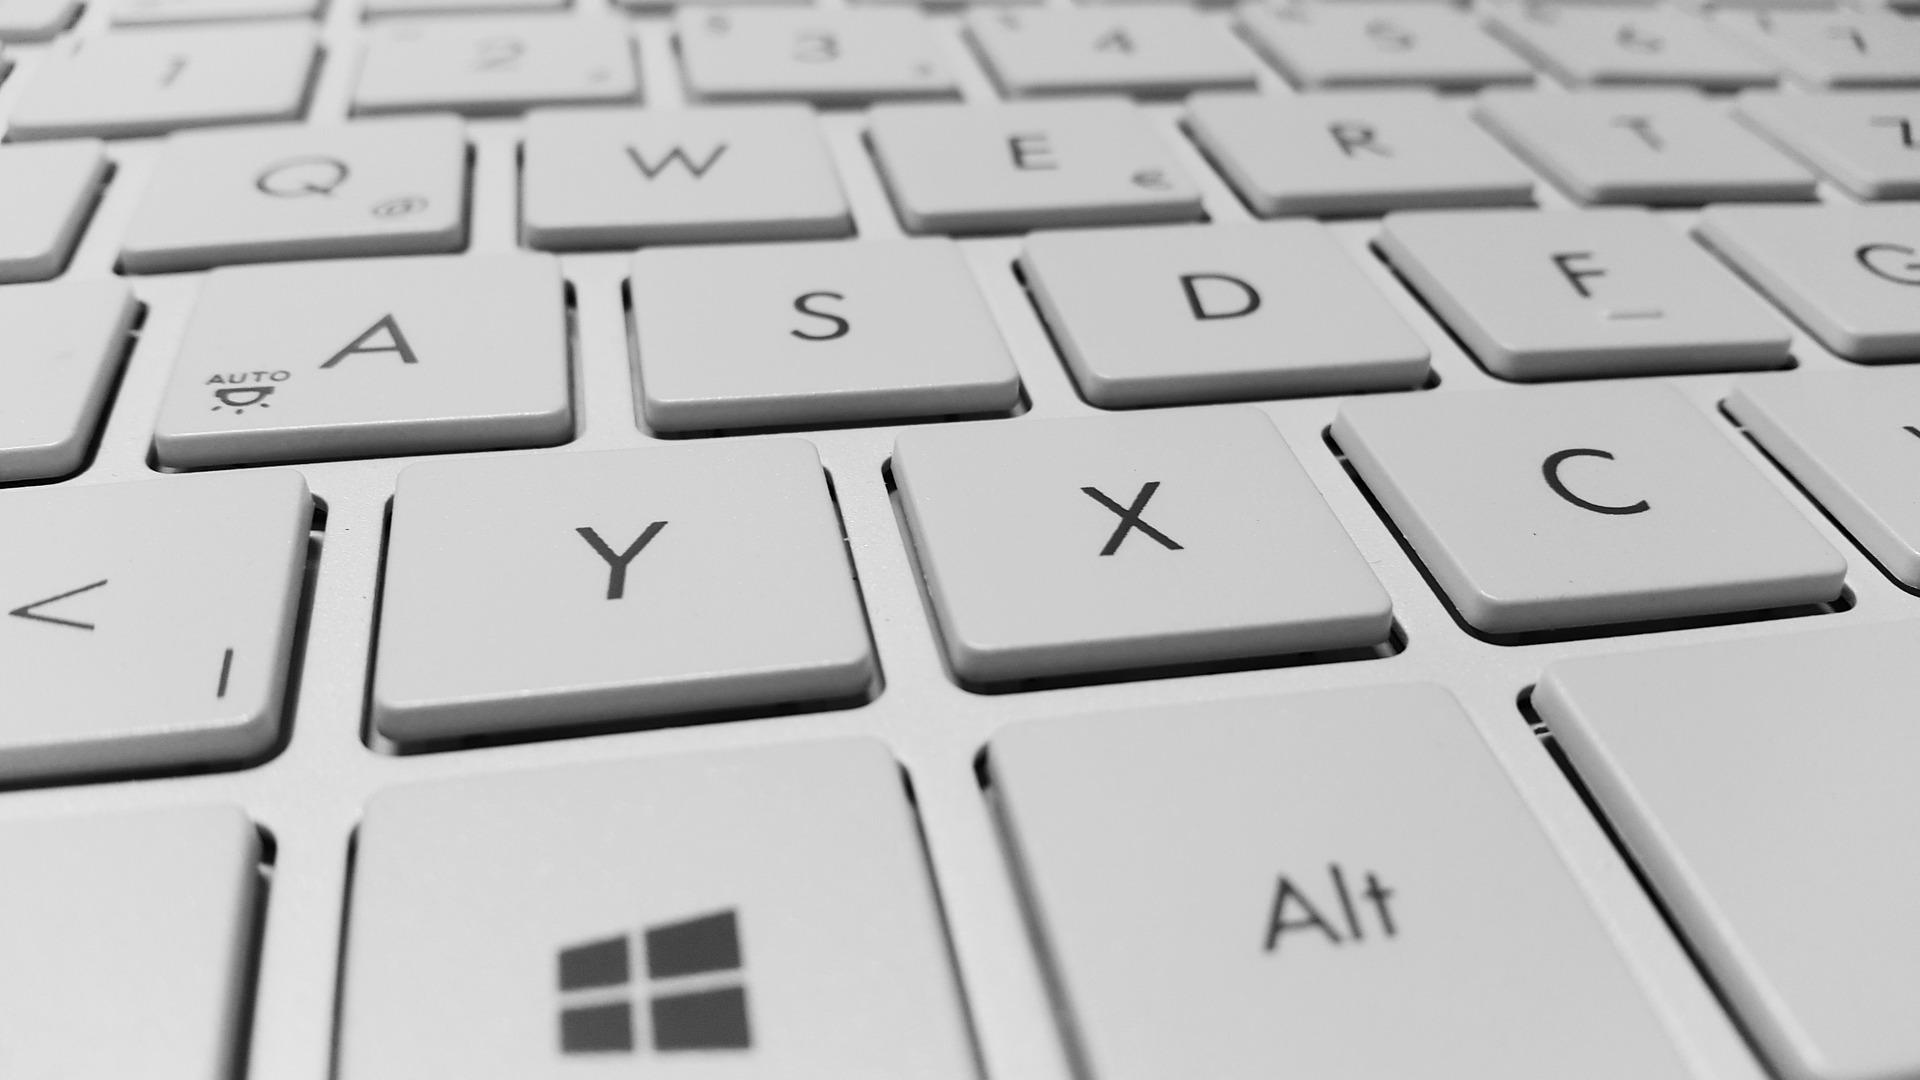 MITテクノロジーレビュー[米国版]に寄稿する方法